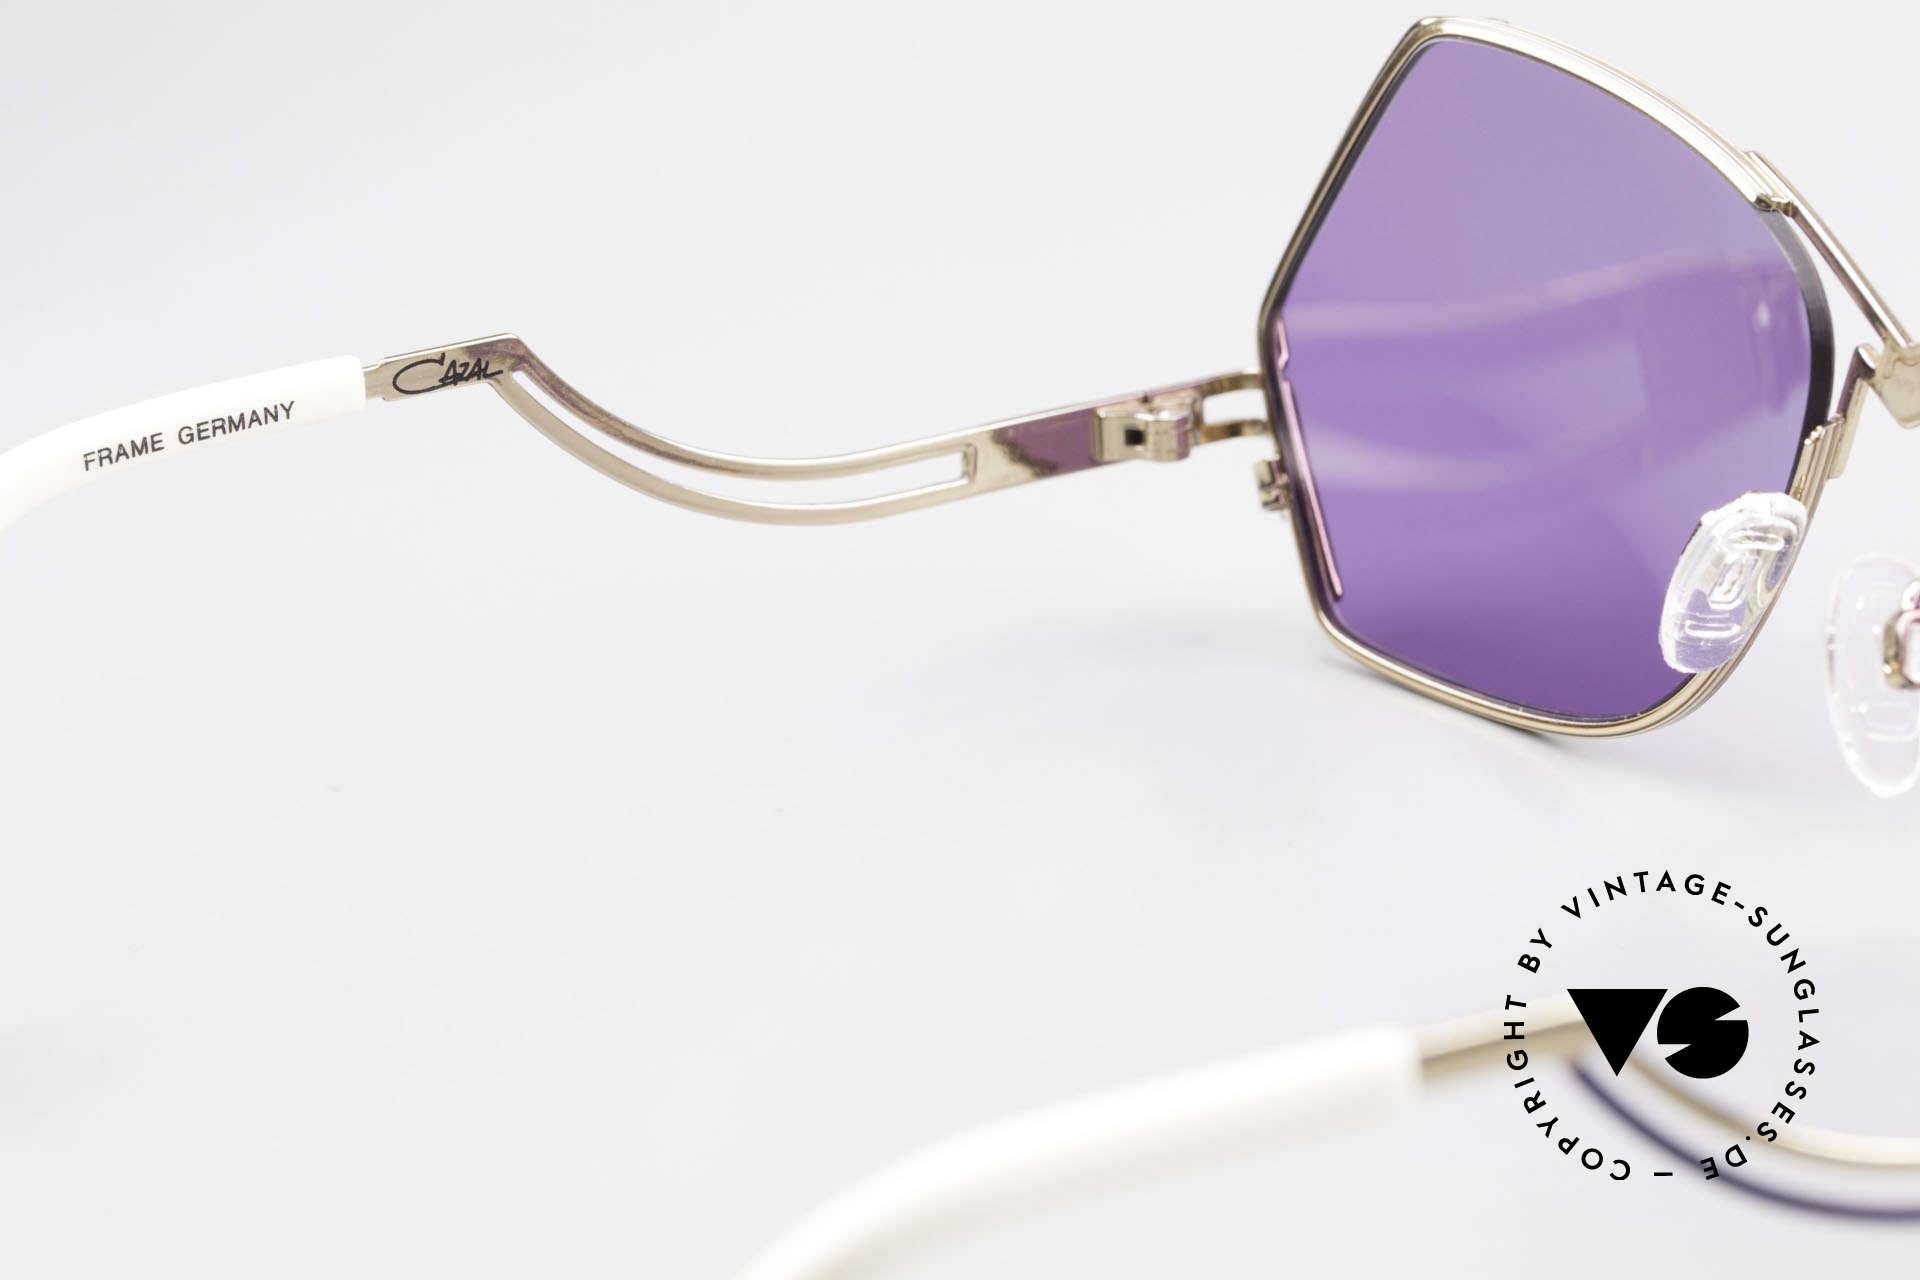 Cazal 226 Vintage Sonnenbrille Damen, lila Sonnengläser (100% UV) könnten getauscht werden, Passend für Damen